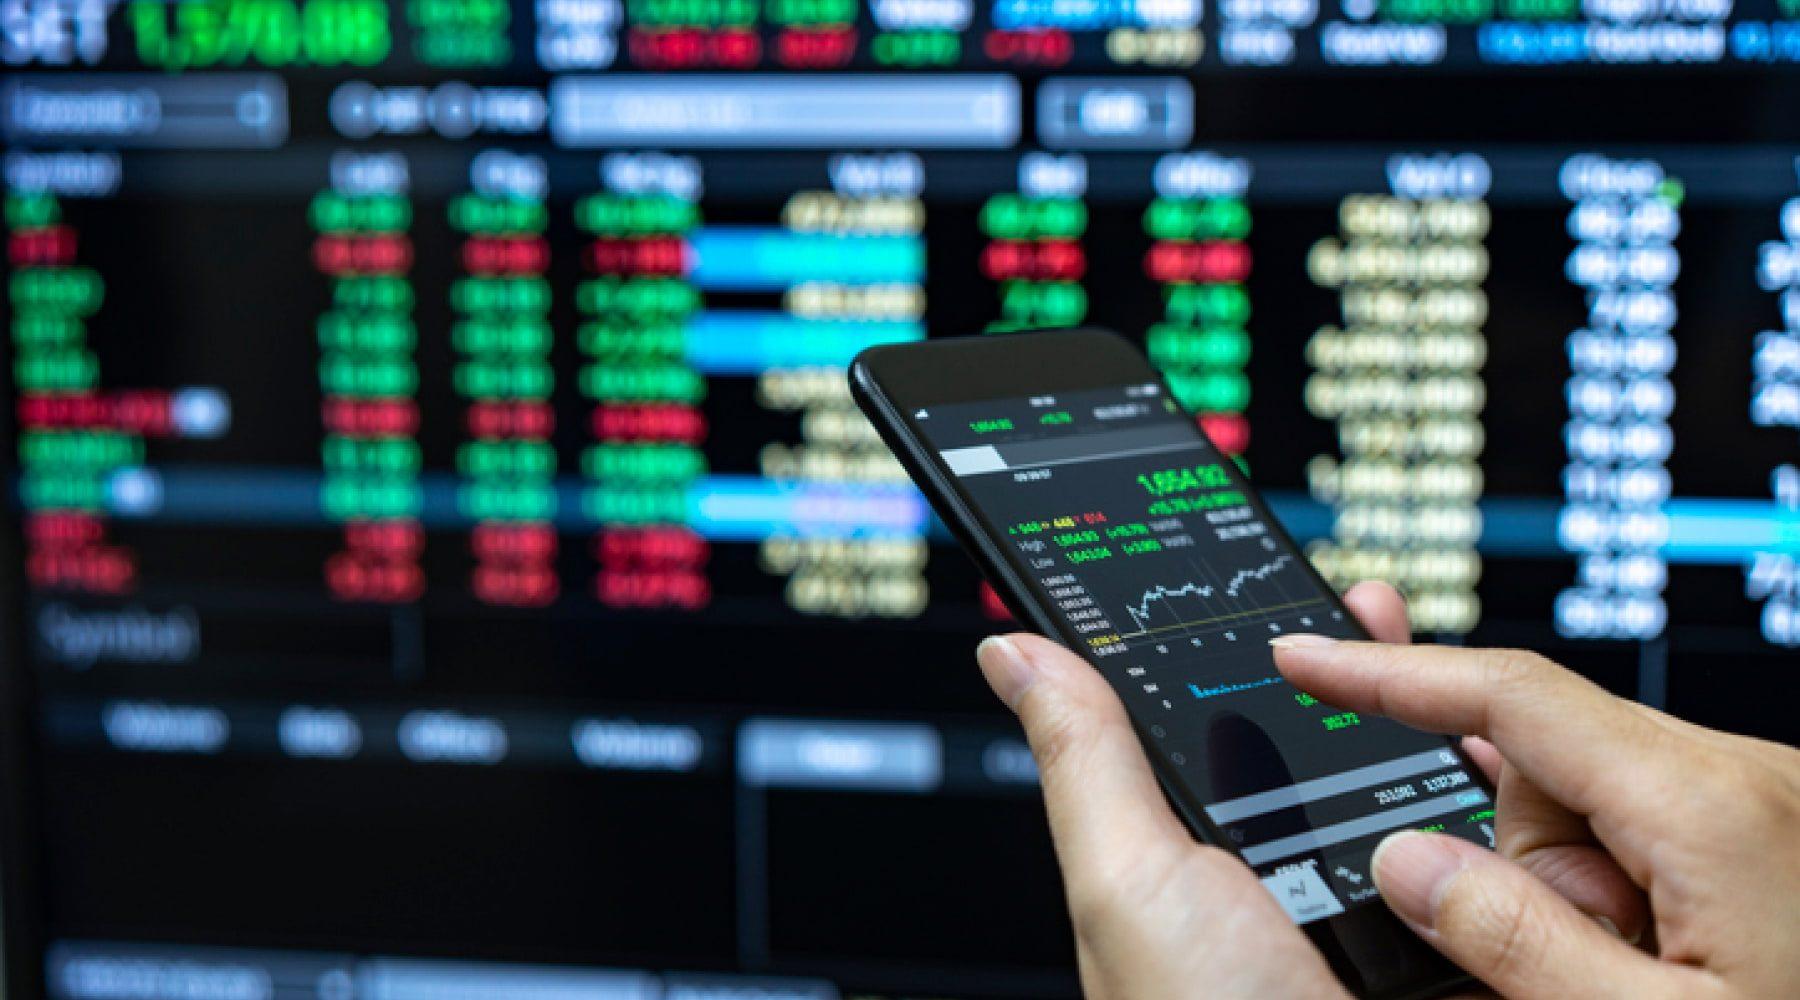 10 stocks to watch as Jeff Bezos exits Amazon